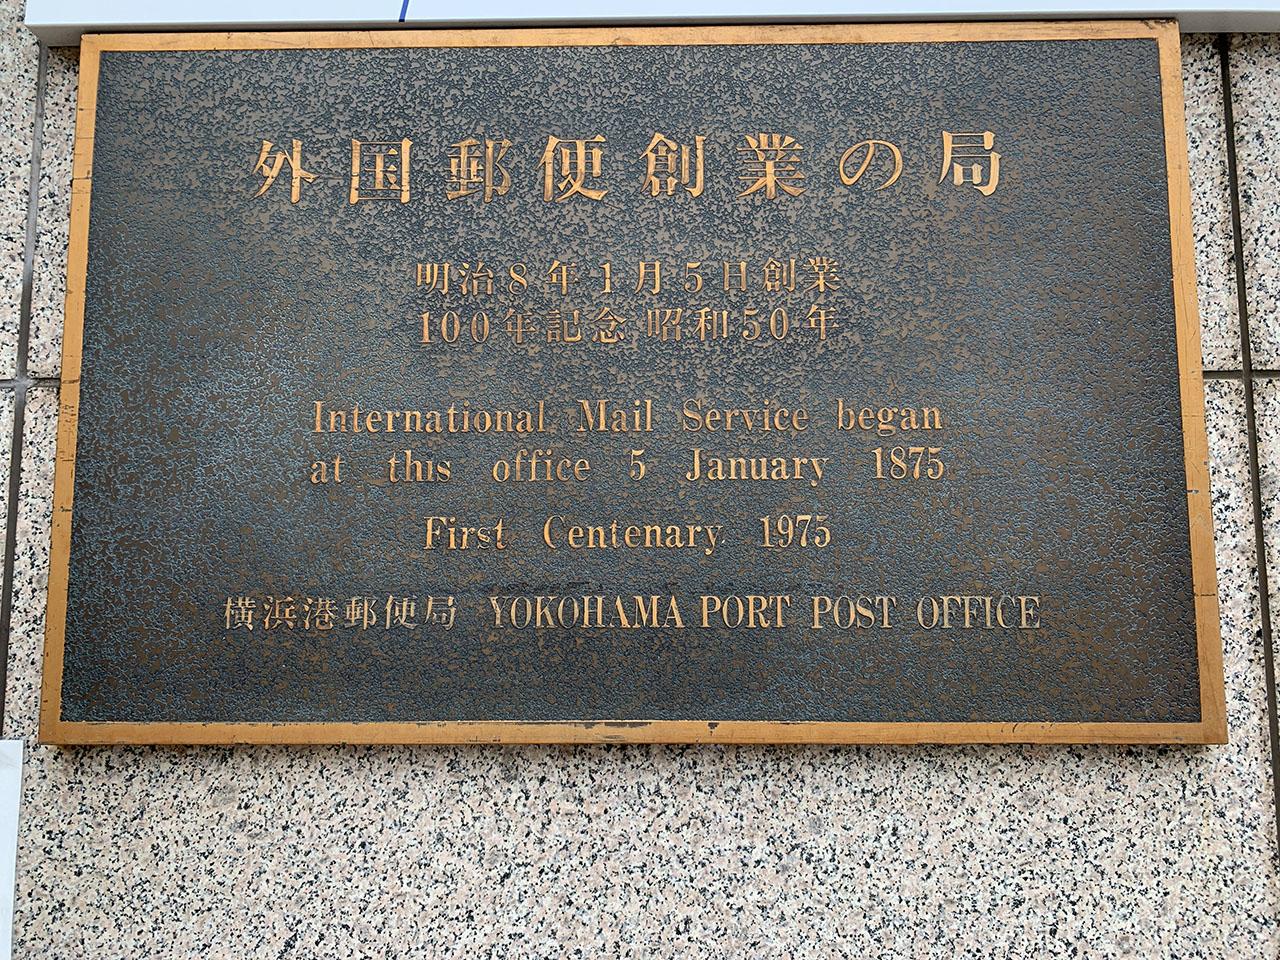 外国郵便創業の局の碑